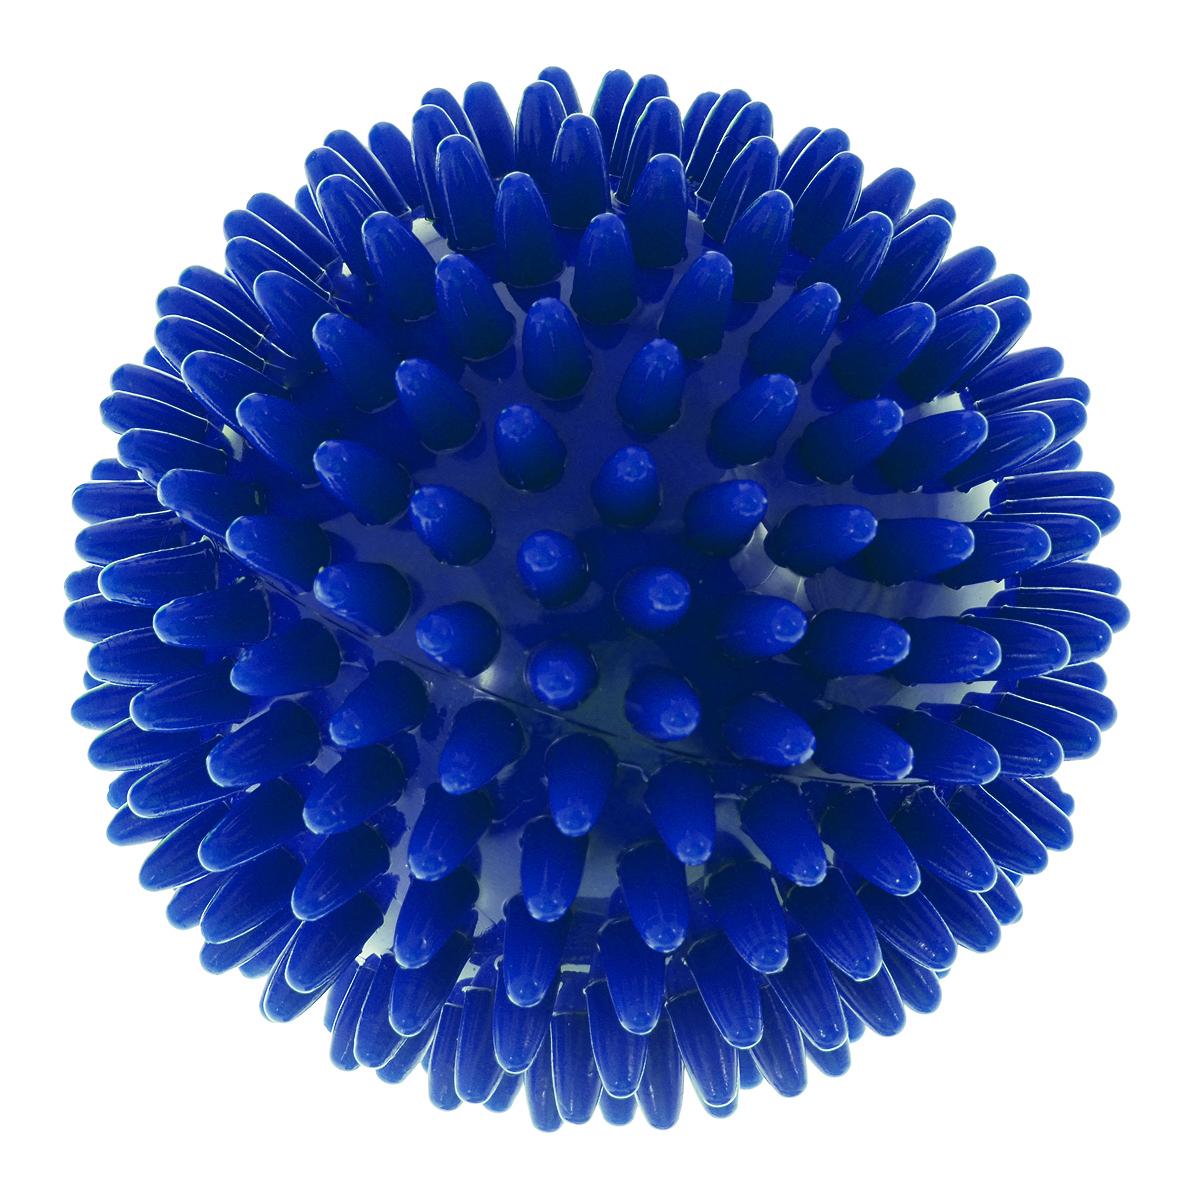 Игрушка для собак V.I.Pet Массажный мяч, цвет: синий, диаметр 7 смBL11-015-70Игрушка для собак V.I.Pet Массажный мяч, изготовленная из ПВХ, предназначена для массажа и самомассажа рефлексогенных зон. Она имеет мягкие закругленные массажные шипы, эффективно массирующие и не травмирующие кожу. Игрушка не позволит скучать вашему питомцу ни дома, ни на улице. Диаметр: 7 см.